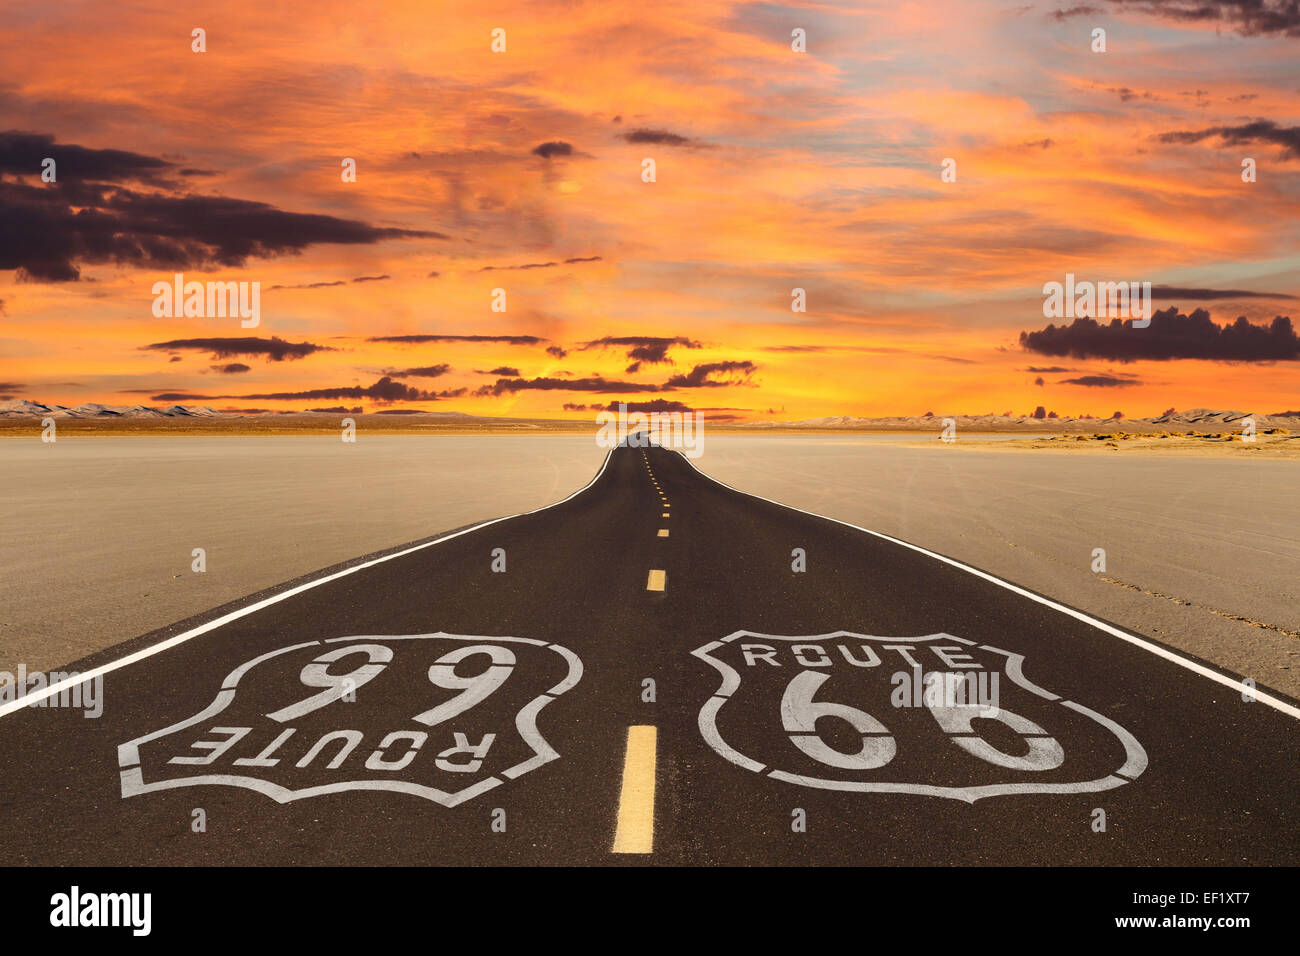 Interprétation romancée de la Route 66 pour traverser un lac asséché, lit dans le vaste désert Photo Stock